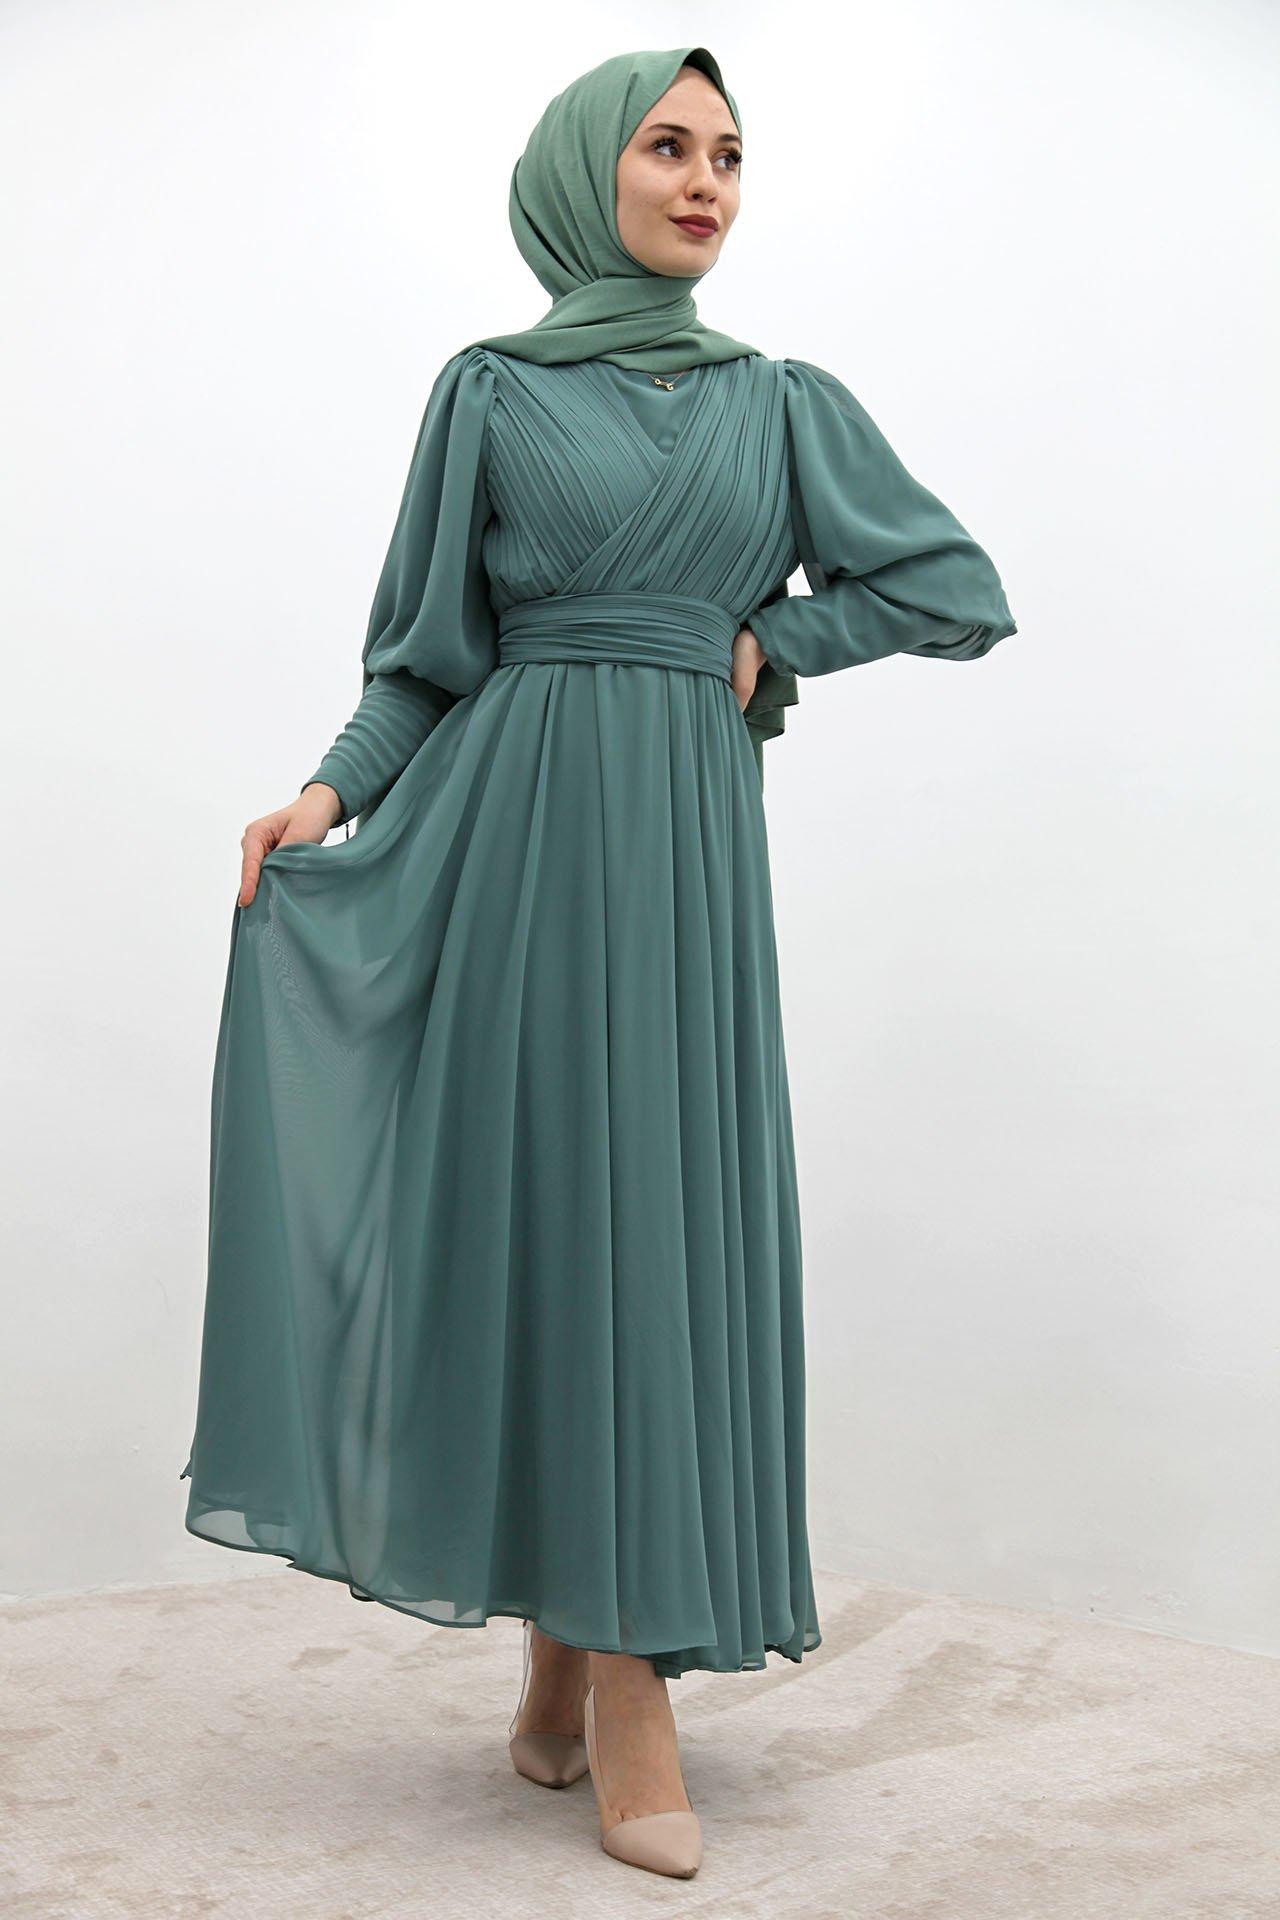 GİZAGİYİM - Kolu Manşetli Piliseli Elbise Mint